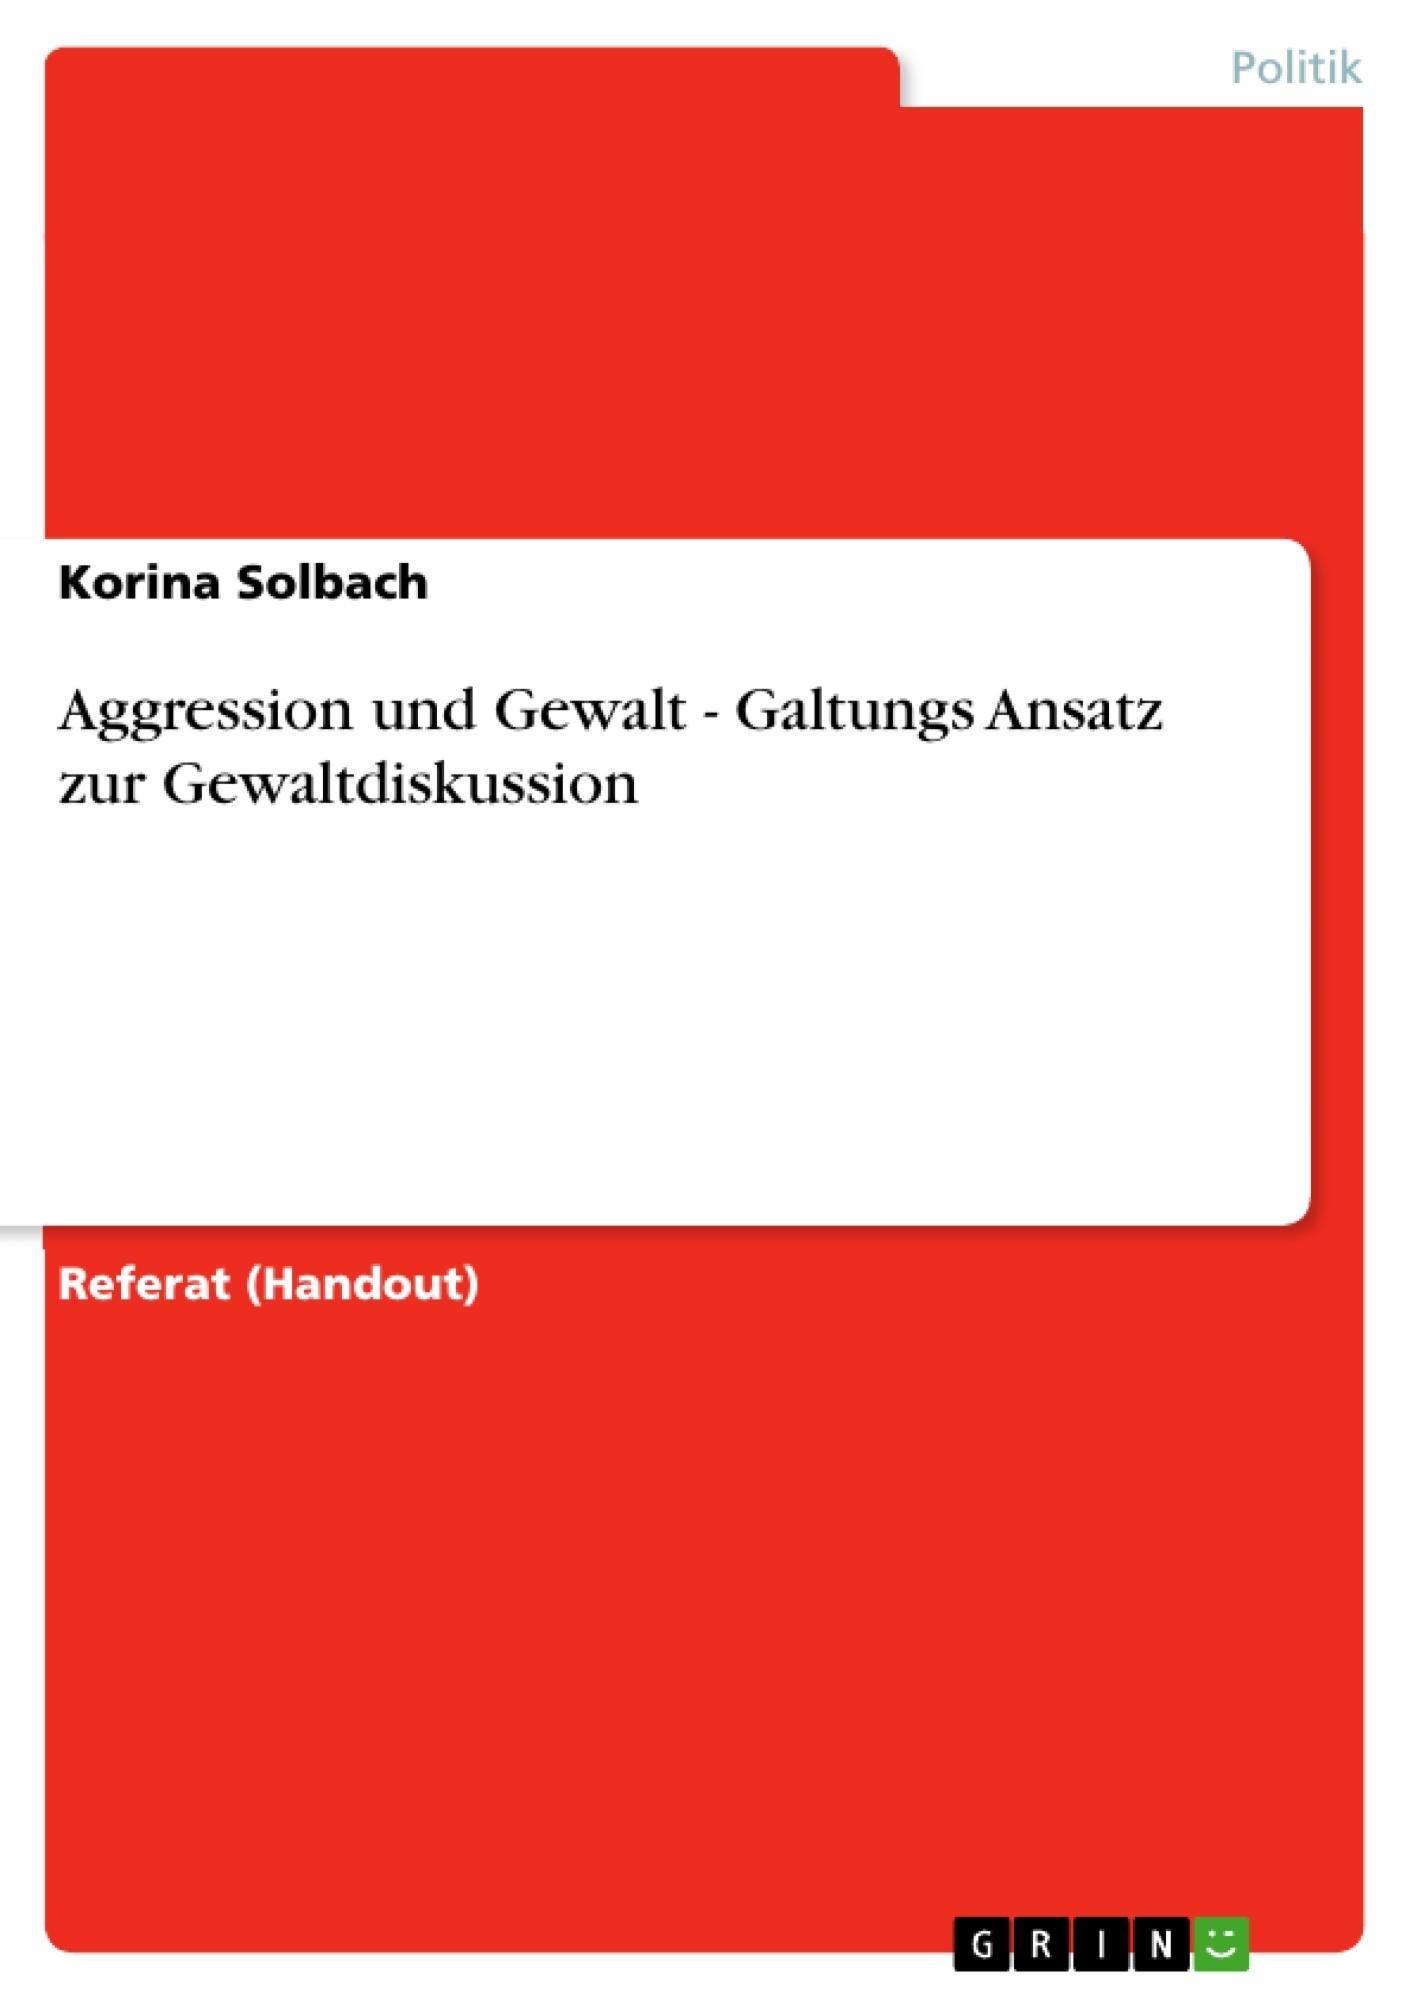 Titel: Aggression und Gewalt - Galtungs Ansatz zur Gewaltdiskussion